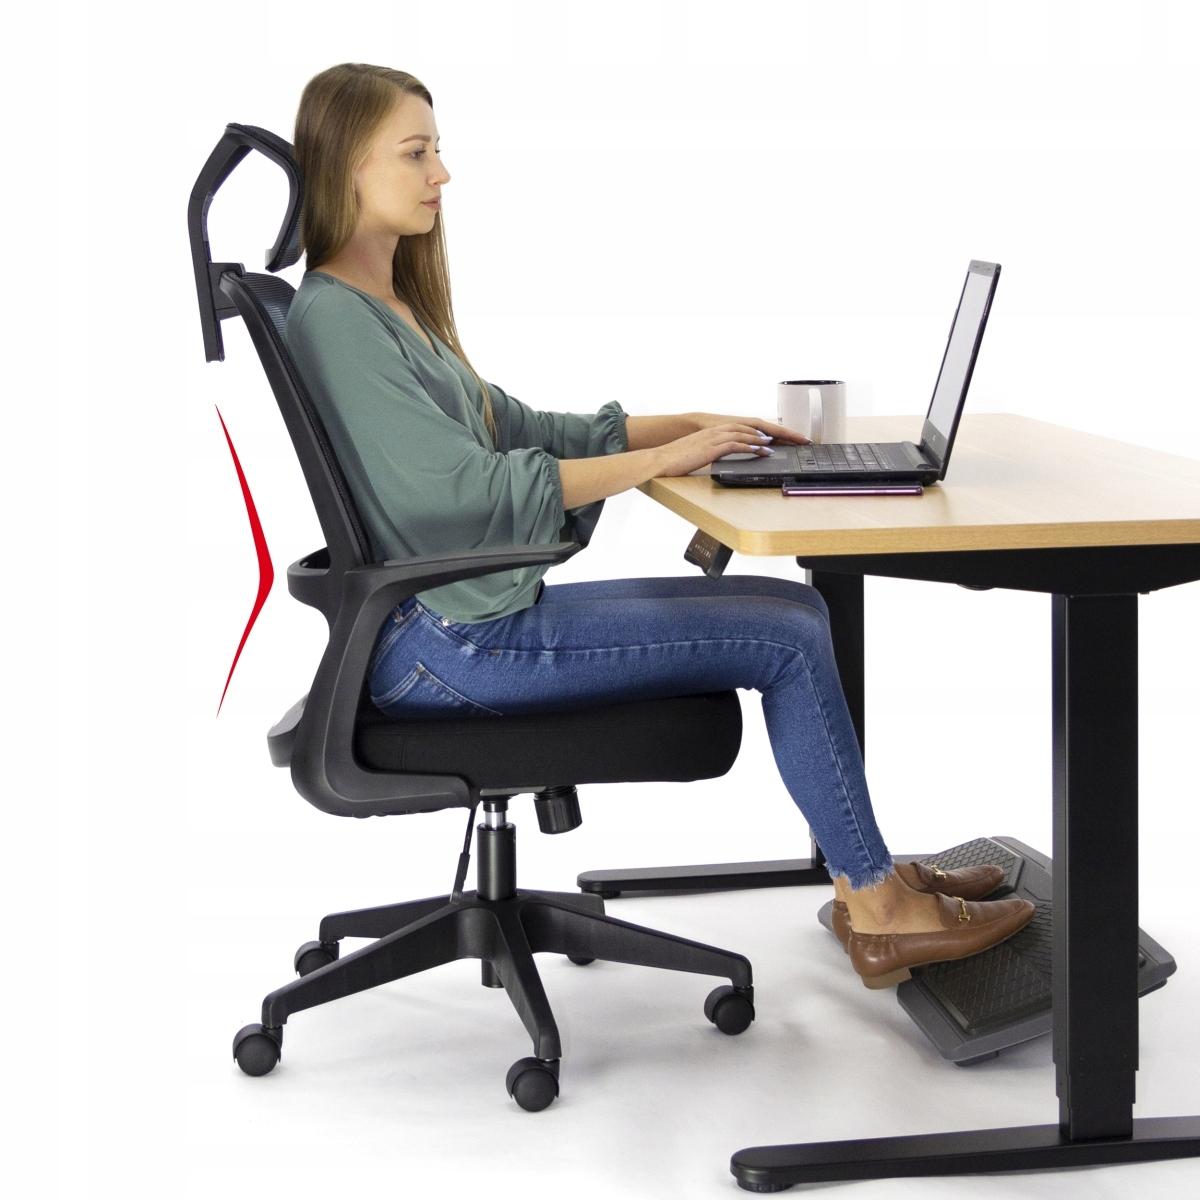 Ергономічний офісний стілець Поворотне крісло AMO-90 Ширина меблів - 64 см